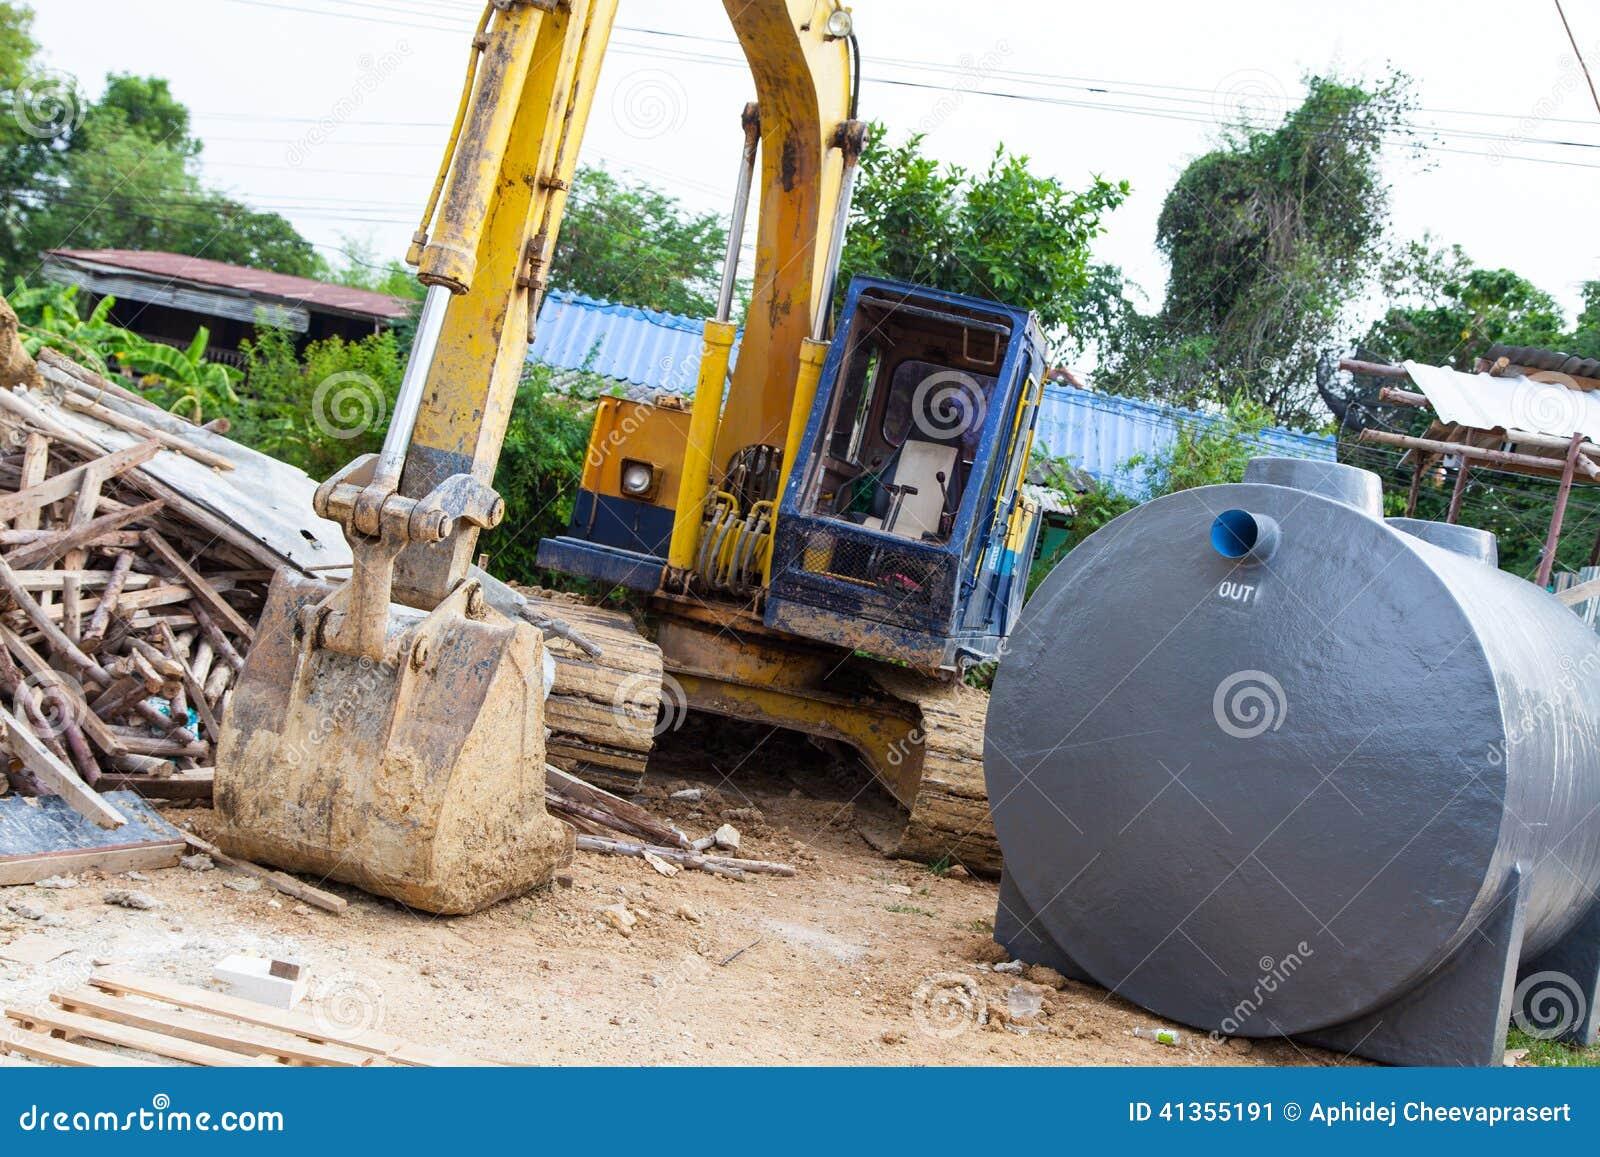 Escavatore di medie dimensioni con il carro armato di trattamento delle acque reflue